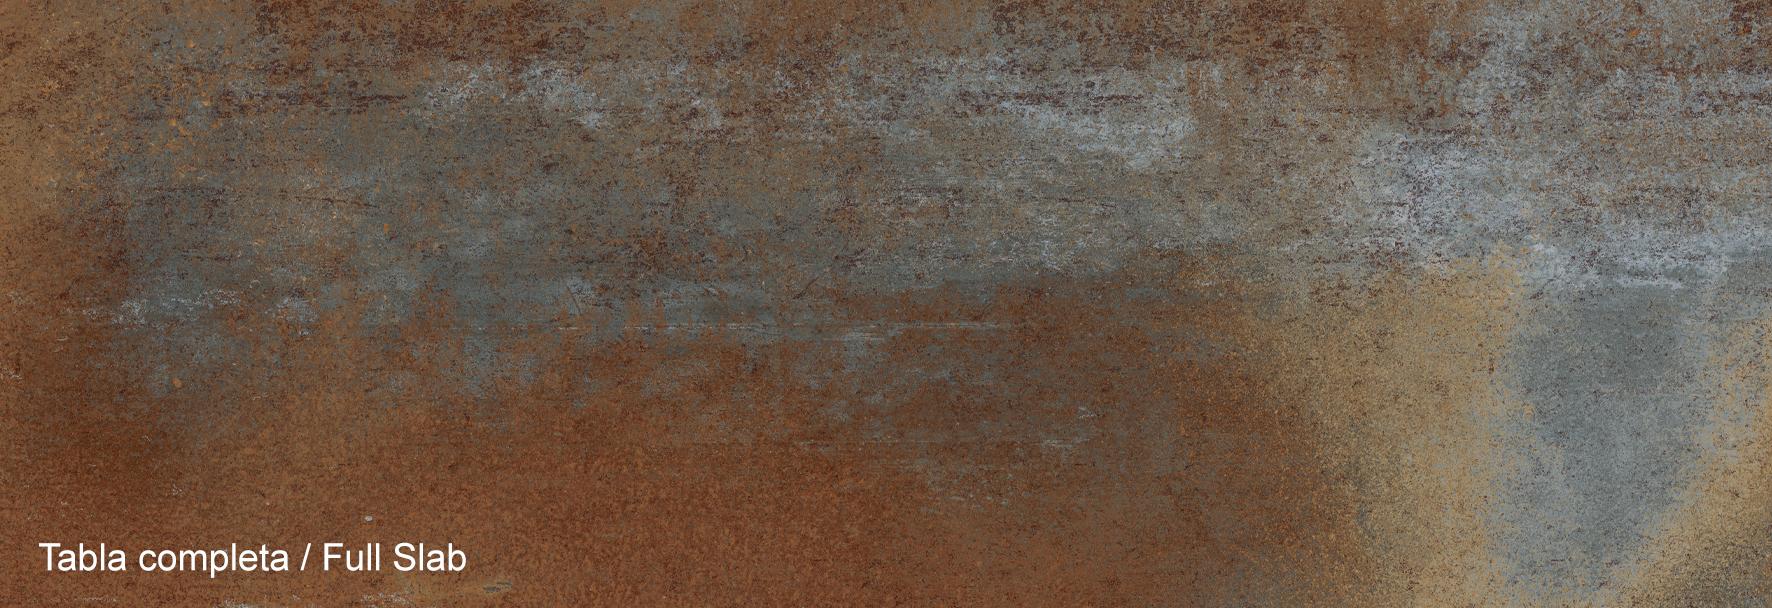 SPIEKI KWARCOWE NEOLITH_IRON BLUE, wygląd płyty